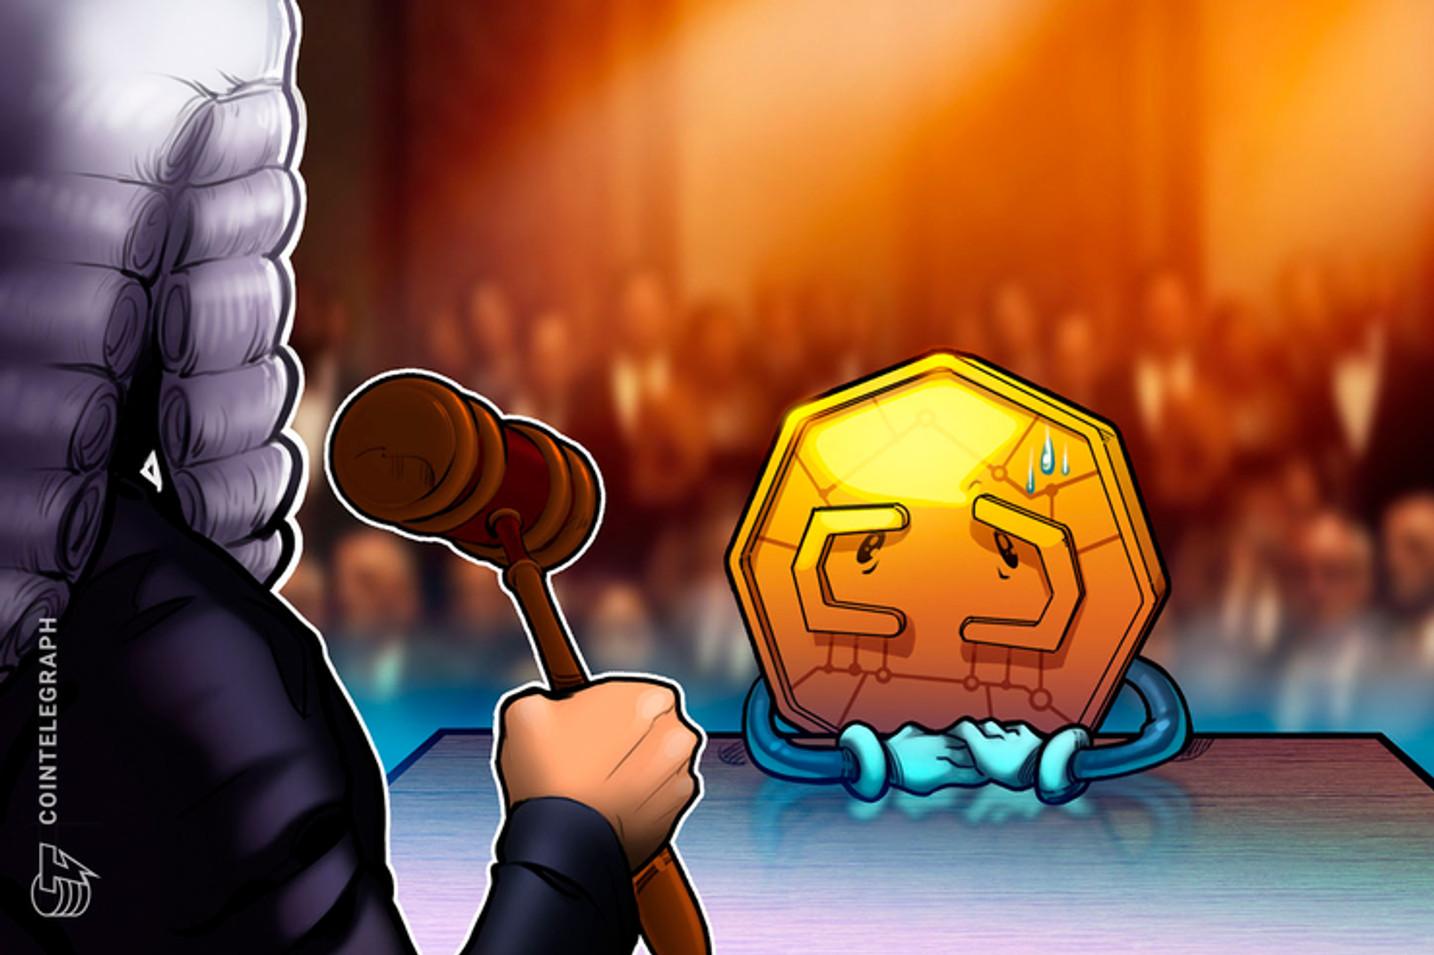 Processos envolvendo Bitcoin cresceram 1.400% na Justiça brasileira nos últimos cinco anos